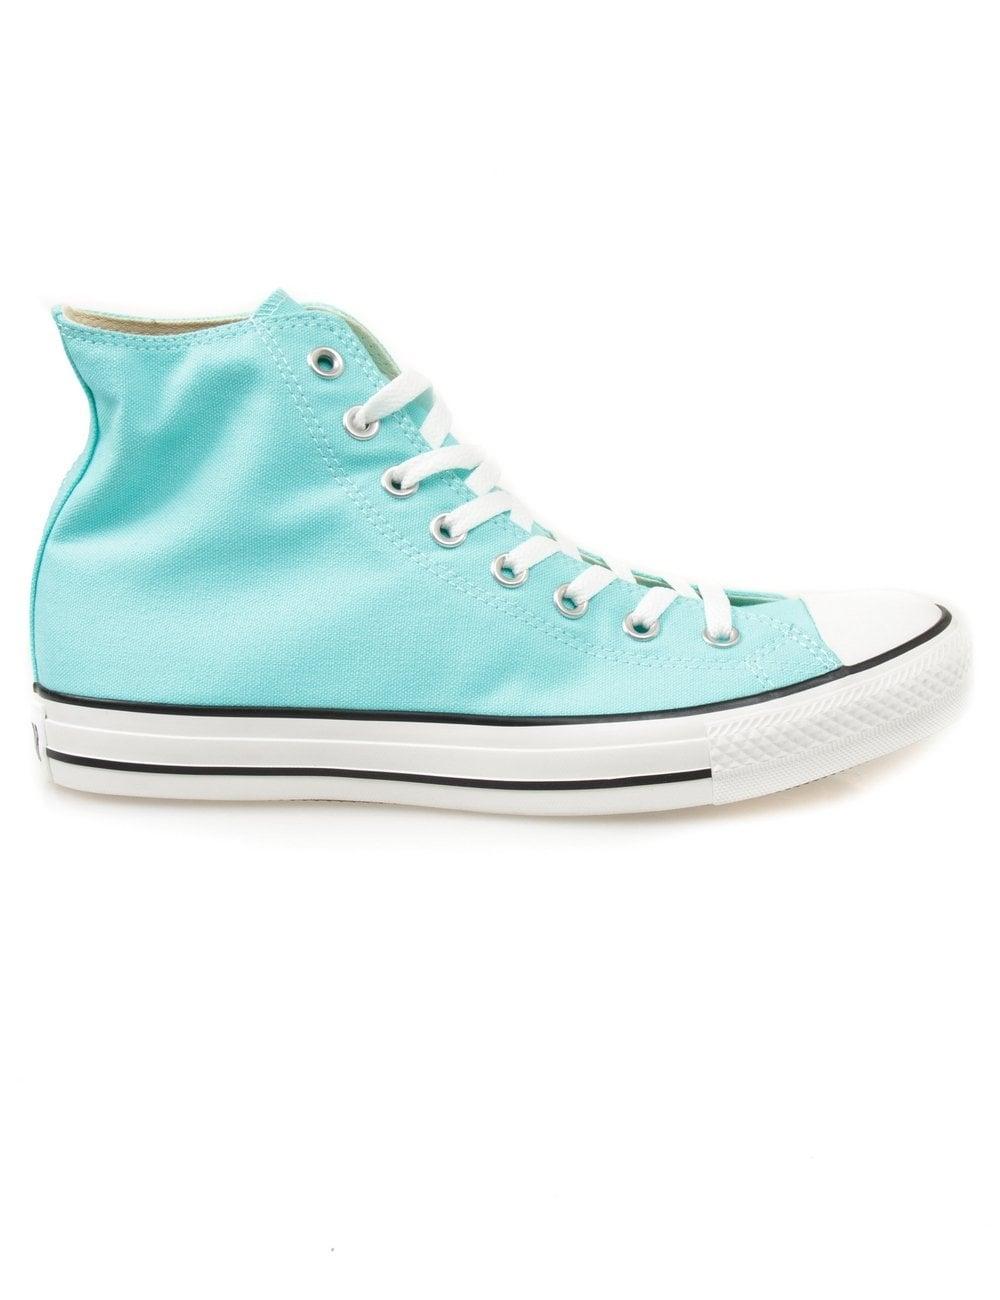 f3ad3009bf75 Converse All Star Hi - Aruba Blue - Footwear from Fat Buddha Store UK